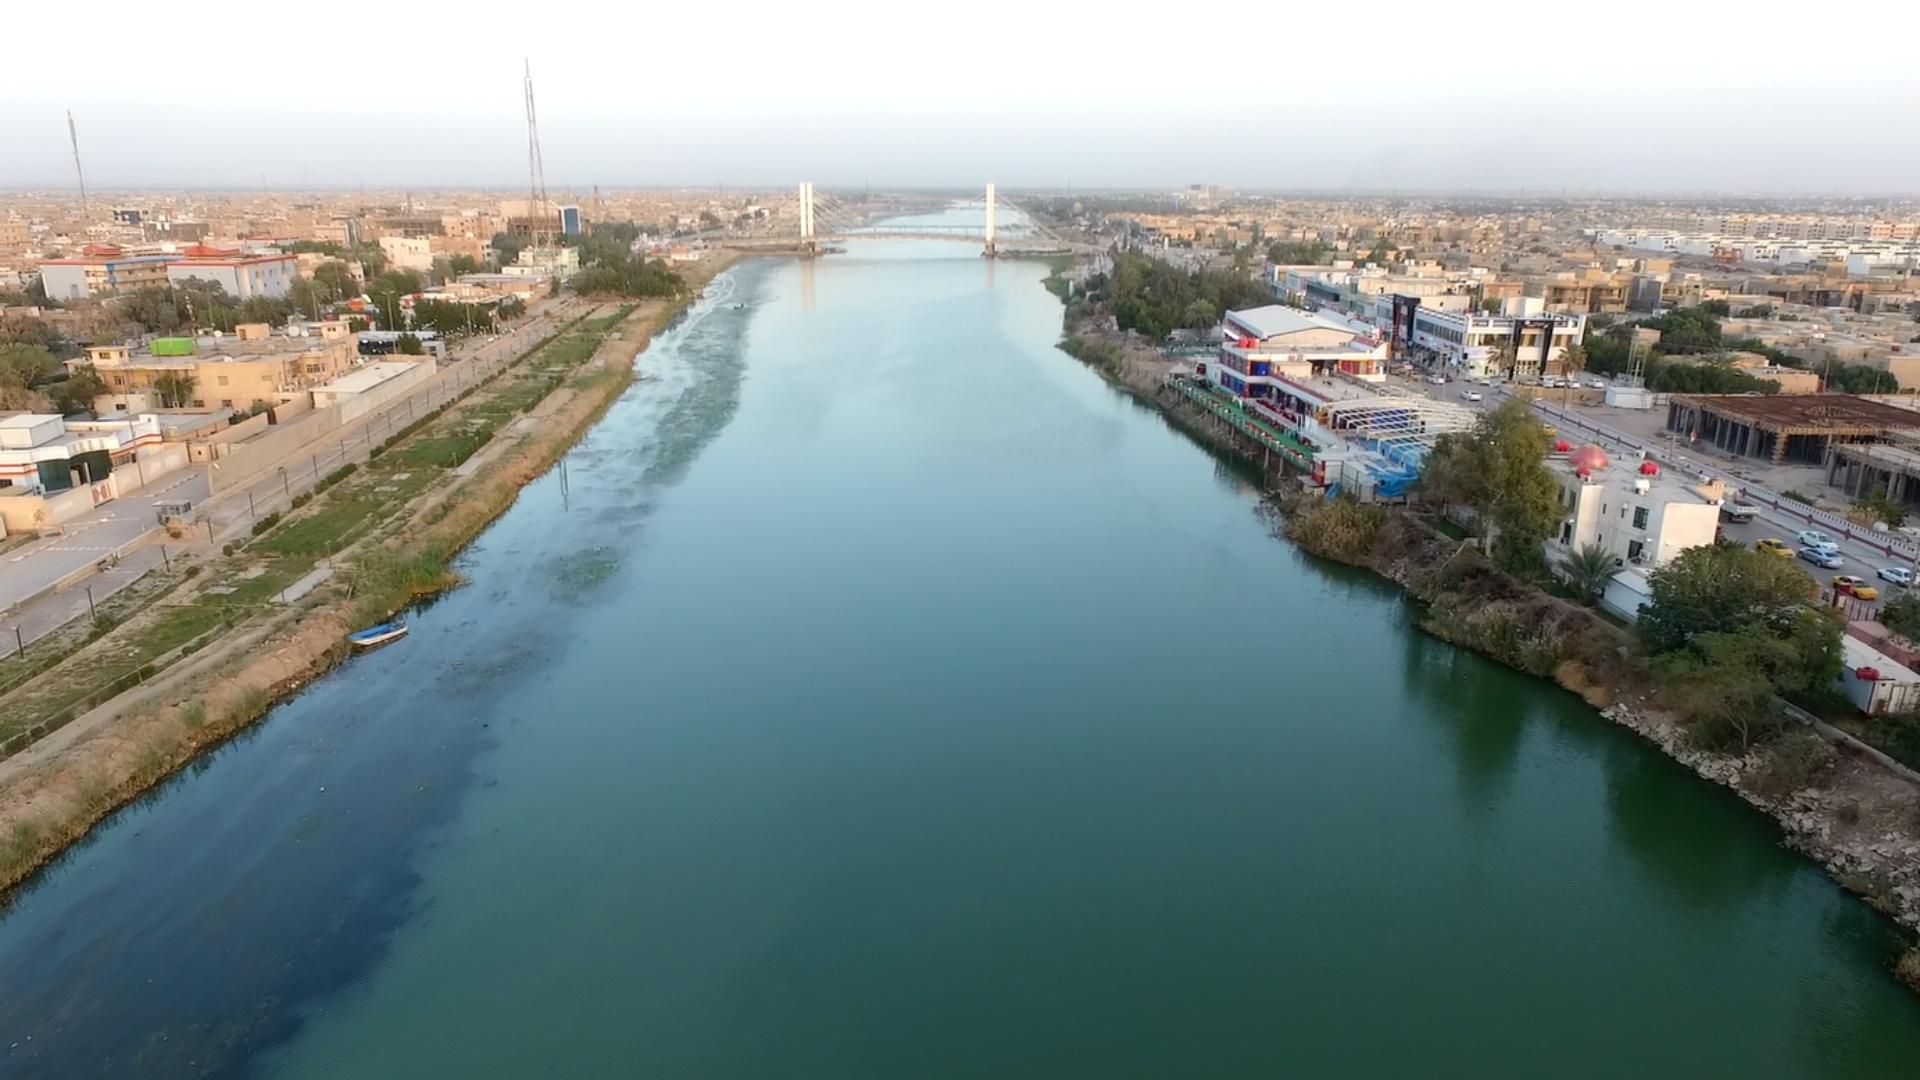 هدم بيوت مسؤولين سابقين في ذي قار لانتهاكهم حرمة الأنهر